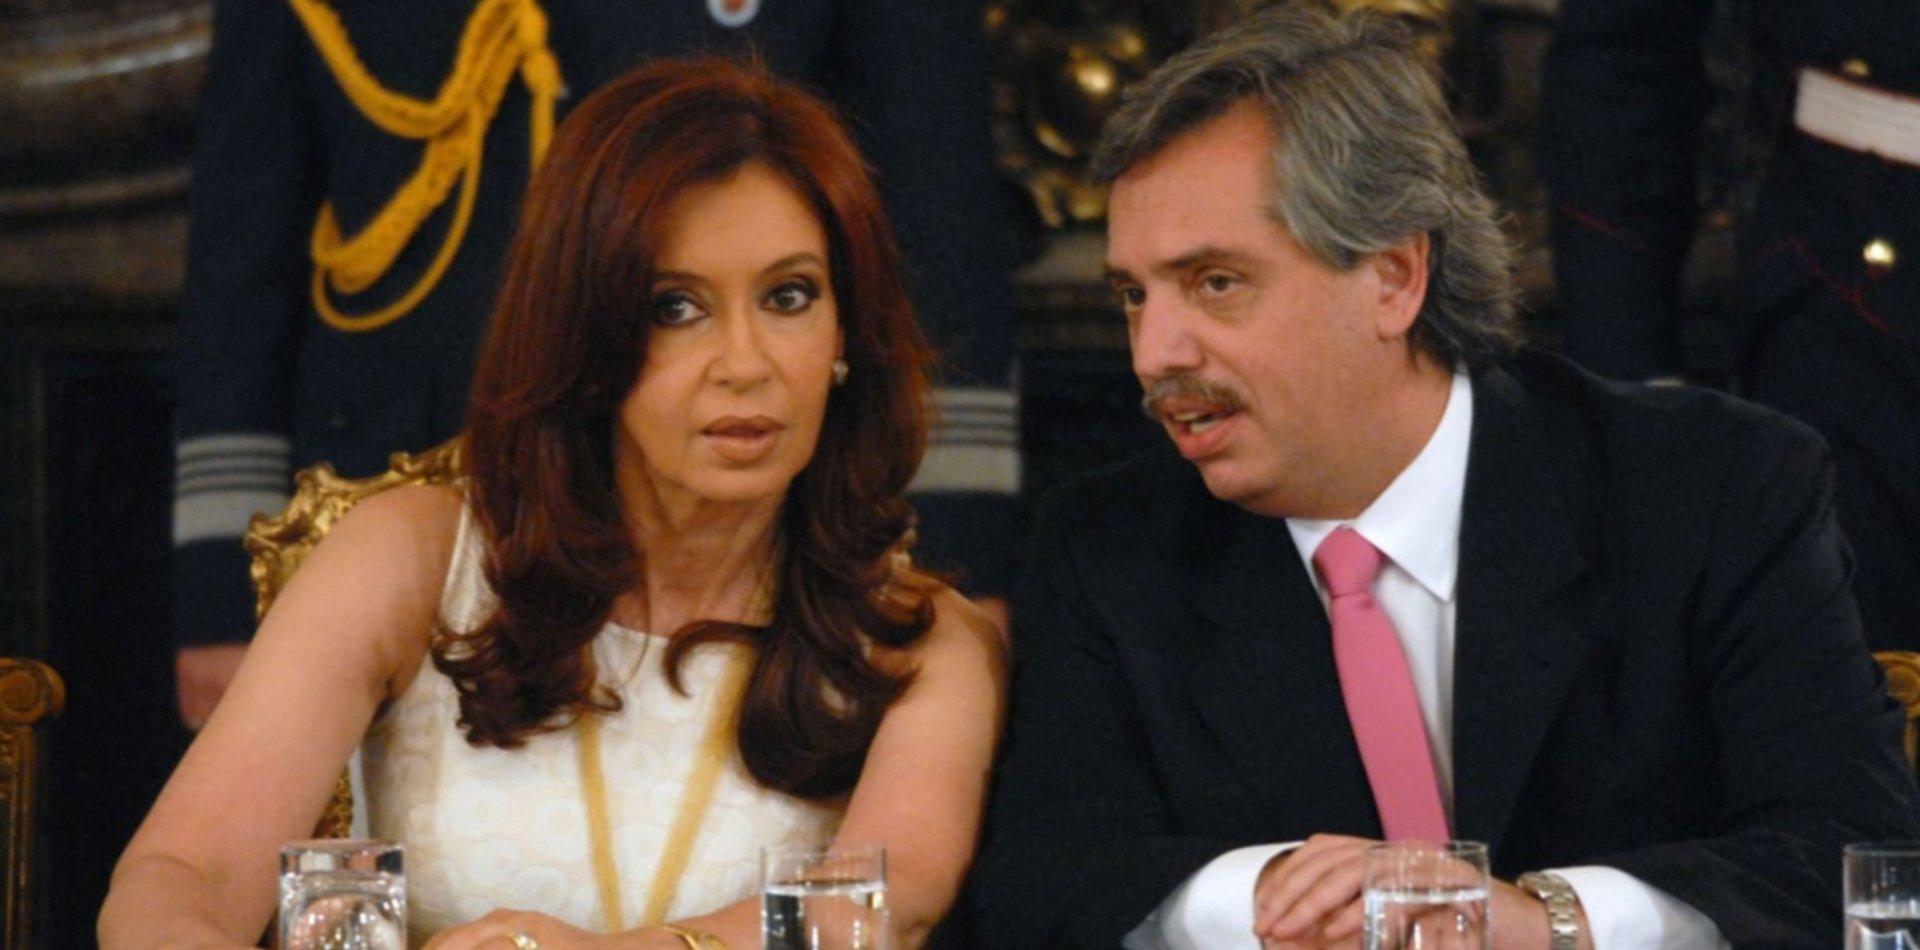 """Alberto Fernández sobre Cristina Fernández de Kirchner: """"Me llamó el miércoles y me hizo el ofrecimiento"""""""